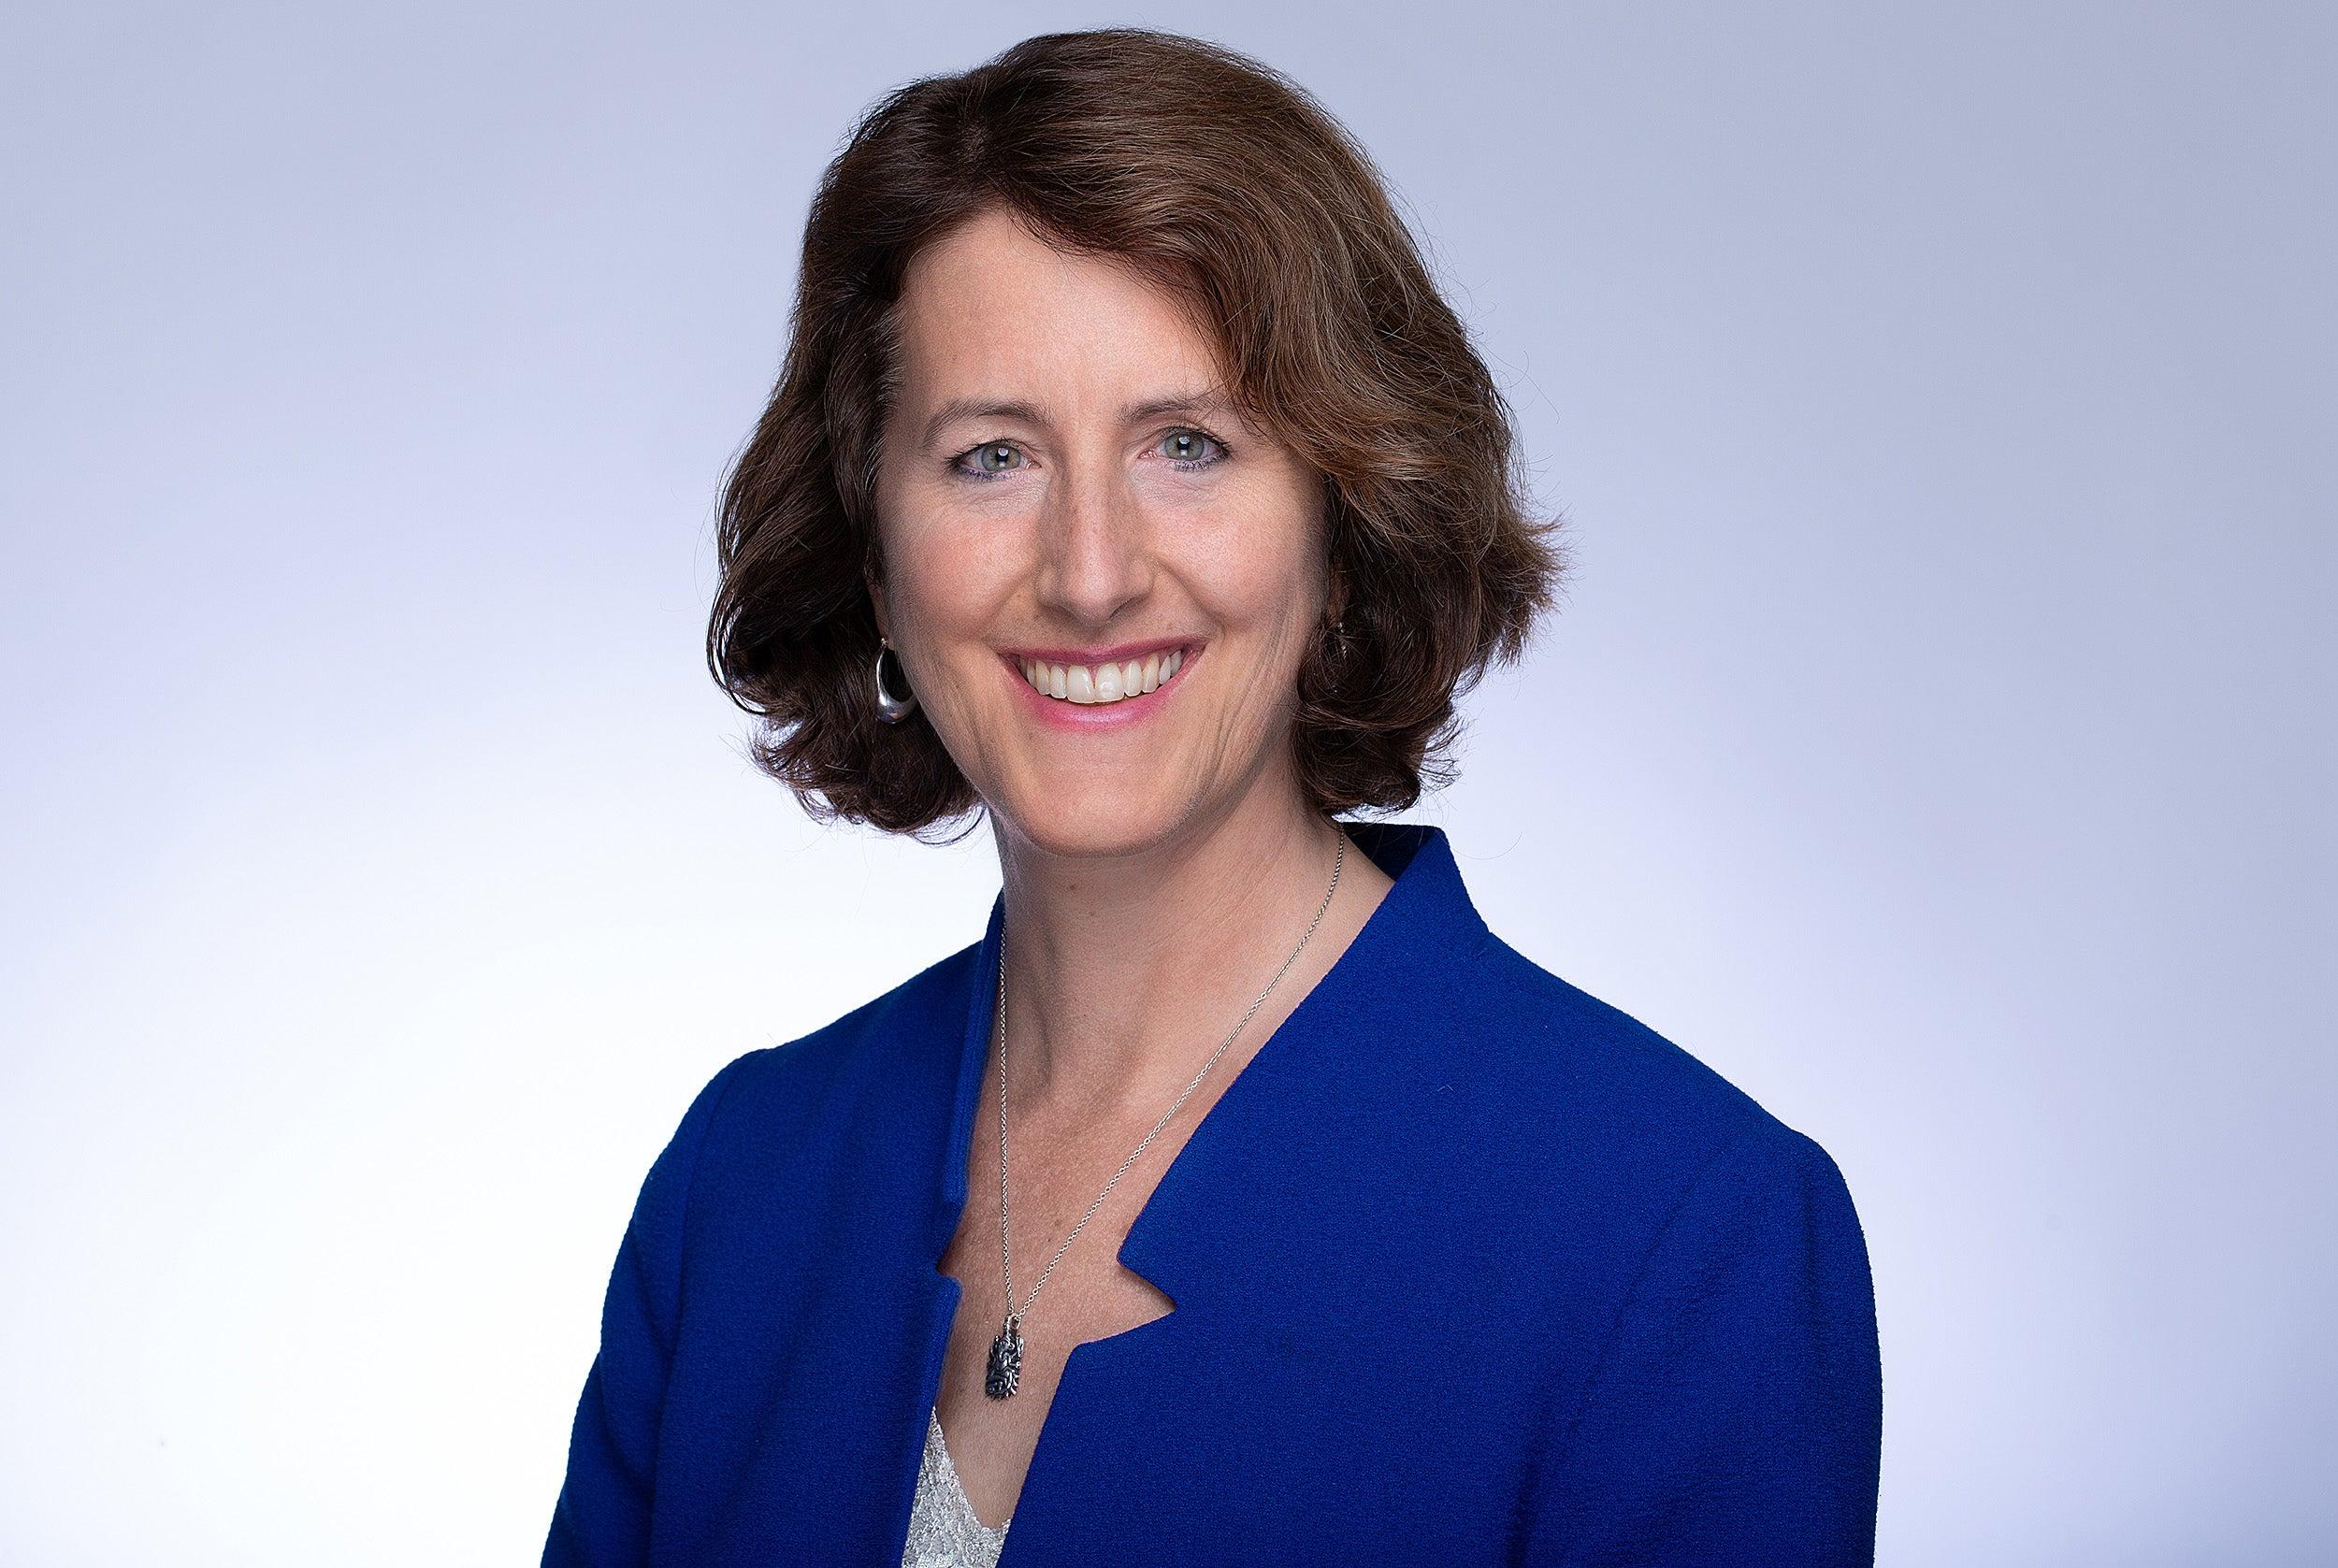 Lisa Dreier